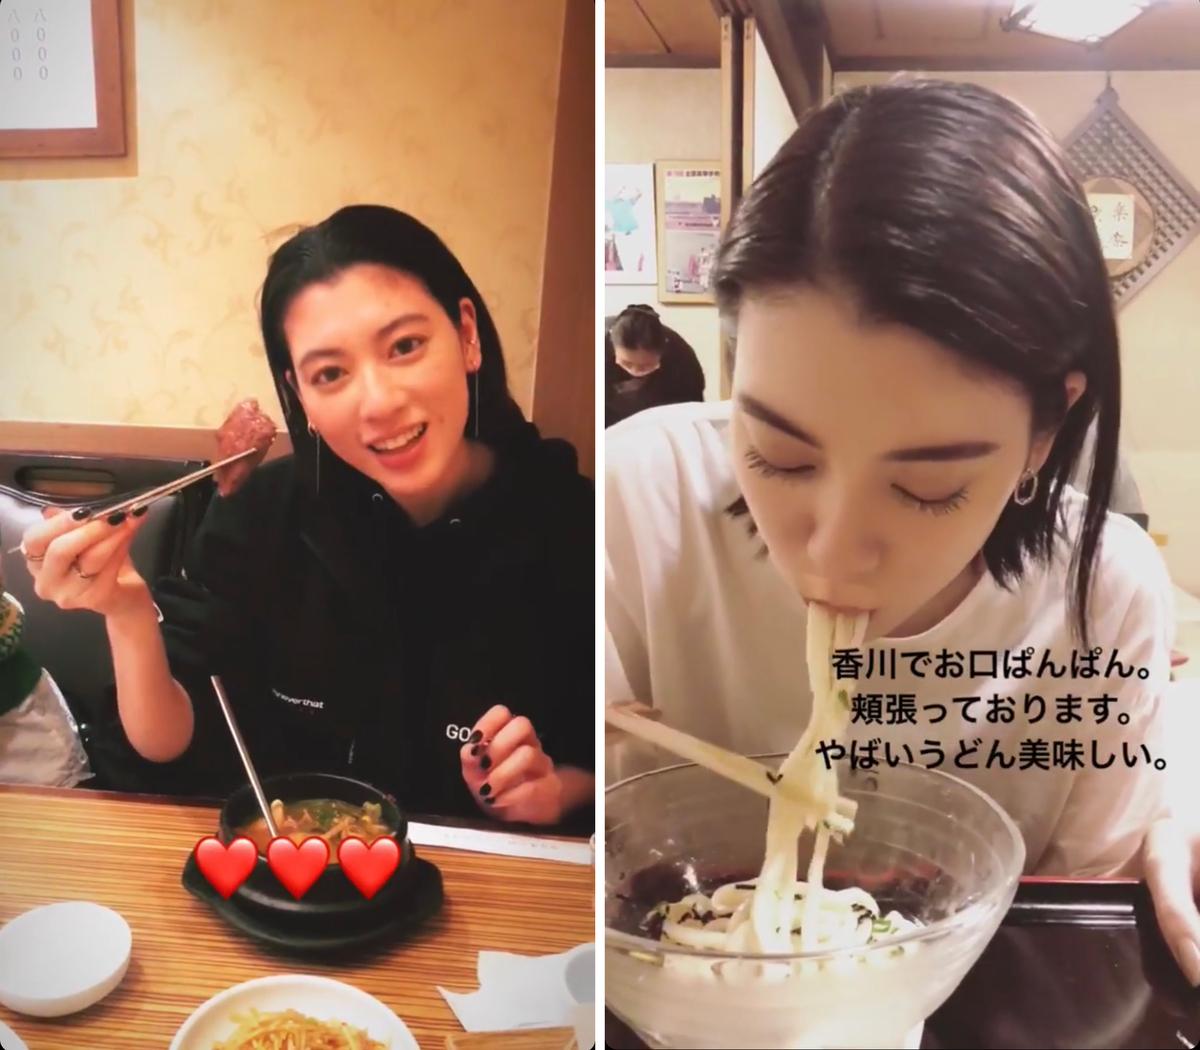 (左)「韓国で焼き肉。しっかり食べてその分ジムで消費。(本当によくたべます)」  (右)「香川でうどん。麺類がとにかく好きです」